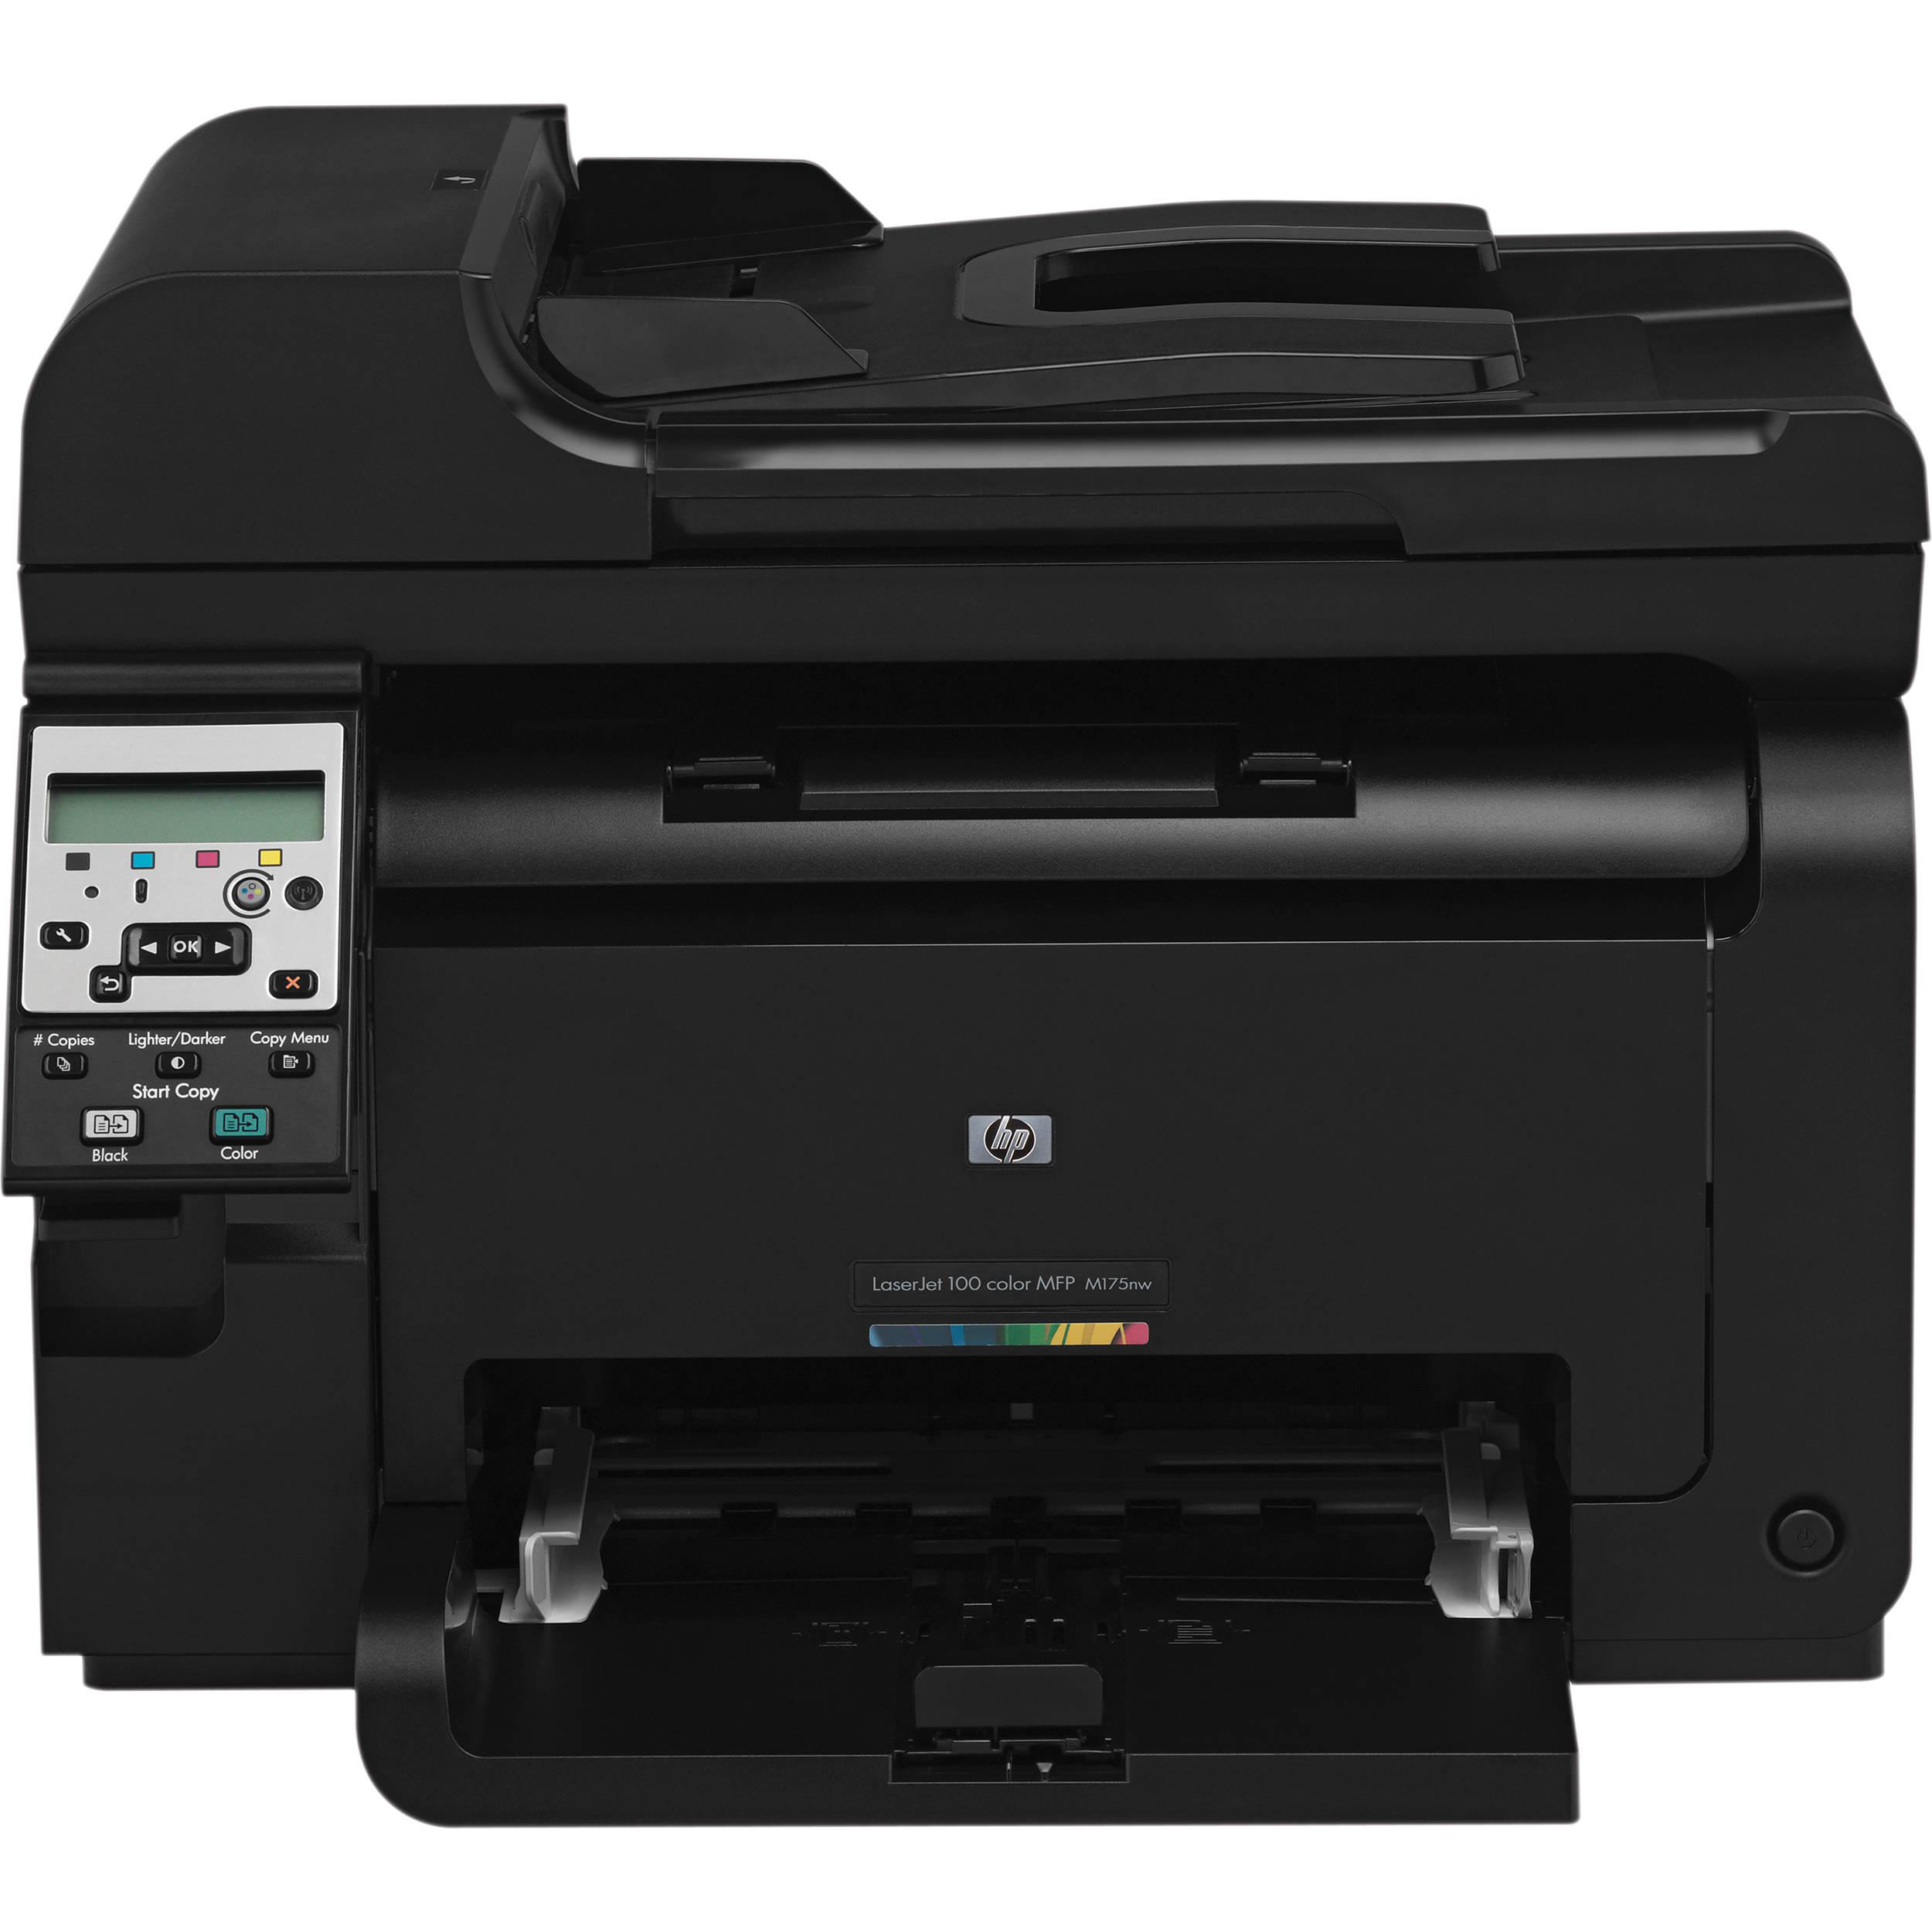 Принтер HP LaserJet Pro 100 color MFP M175nw